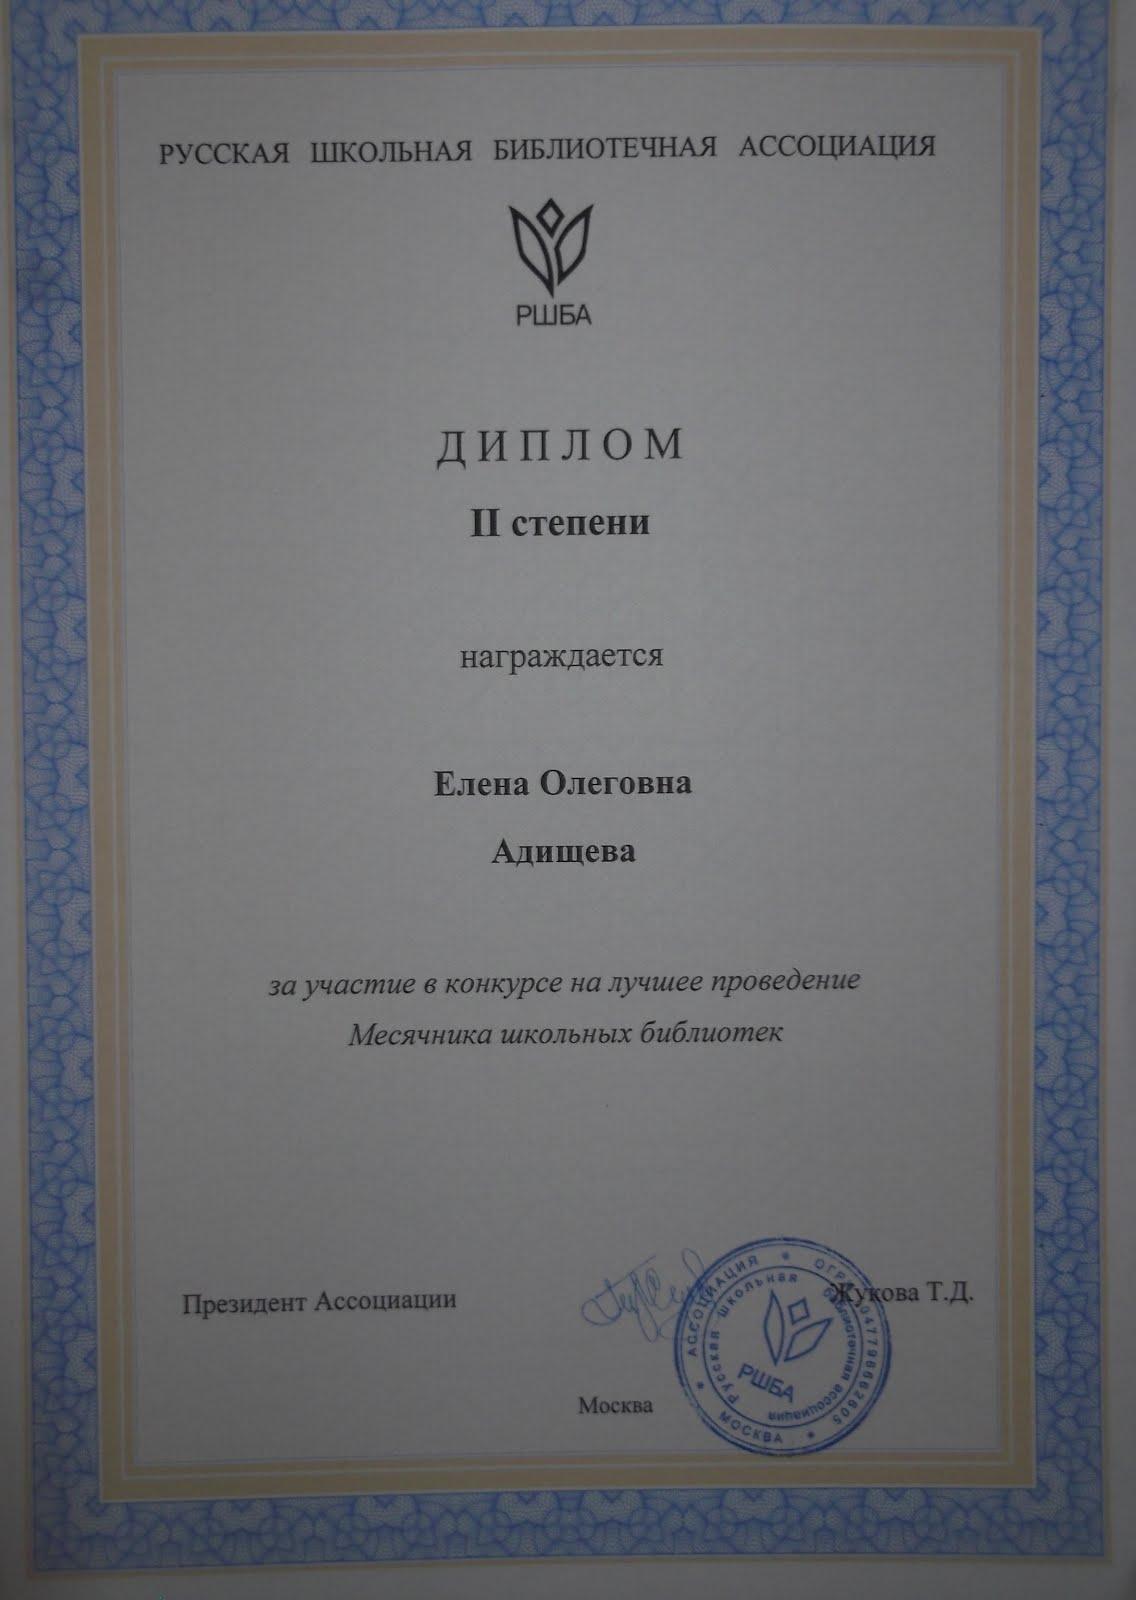 Победитель ММШБ-2016